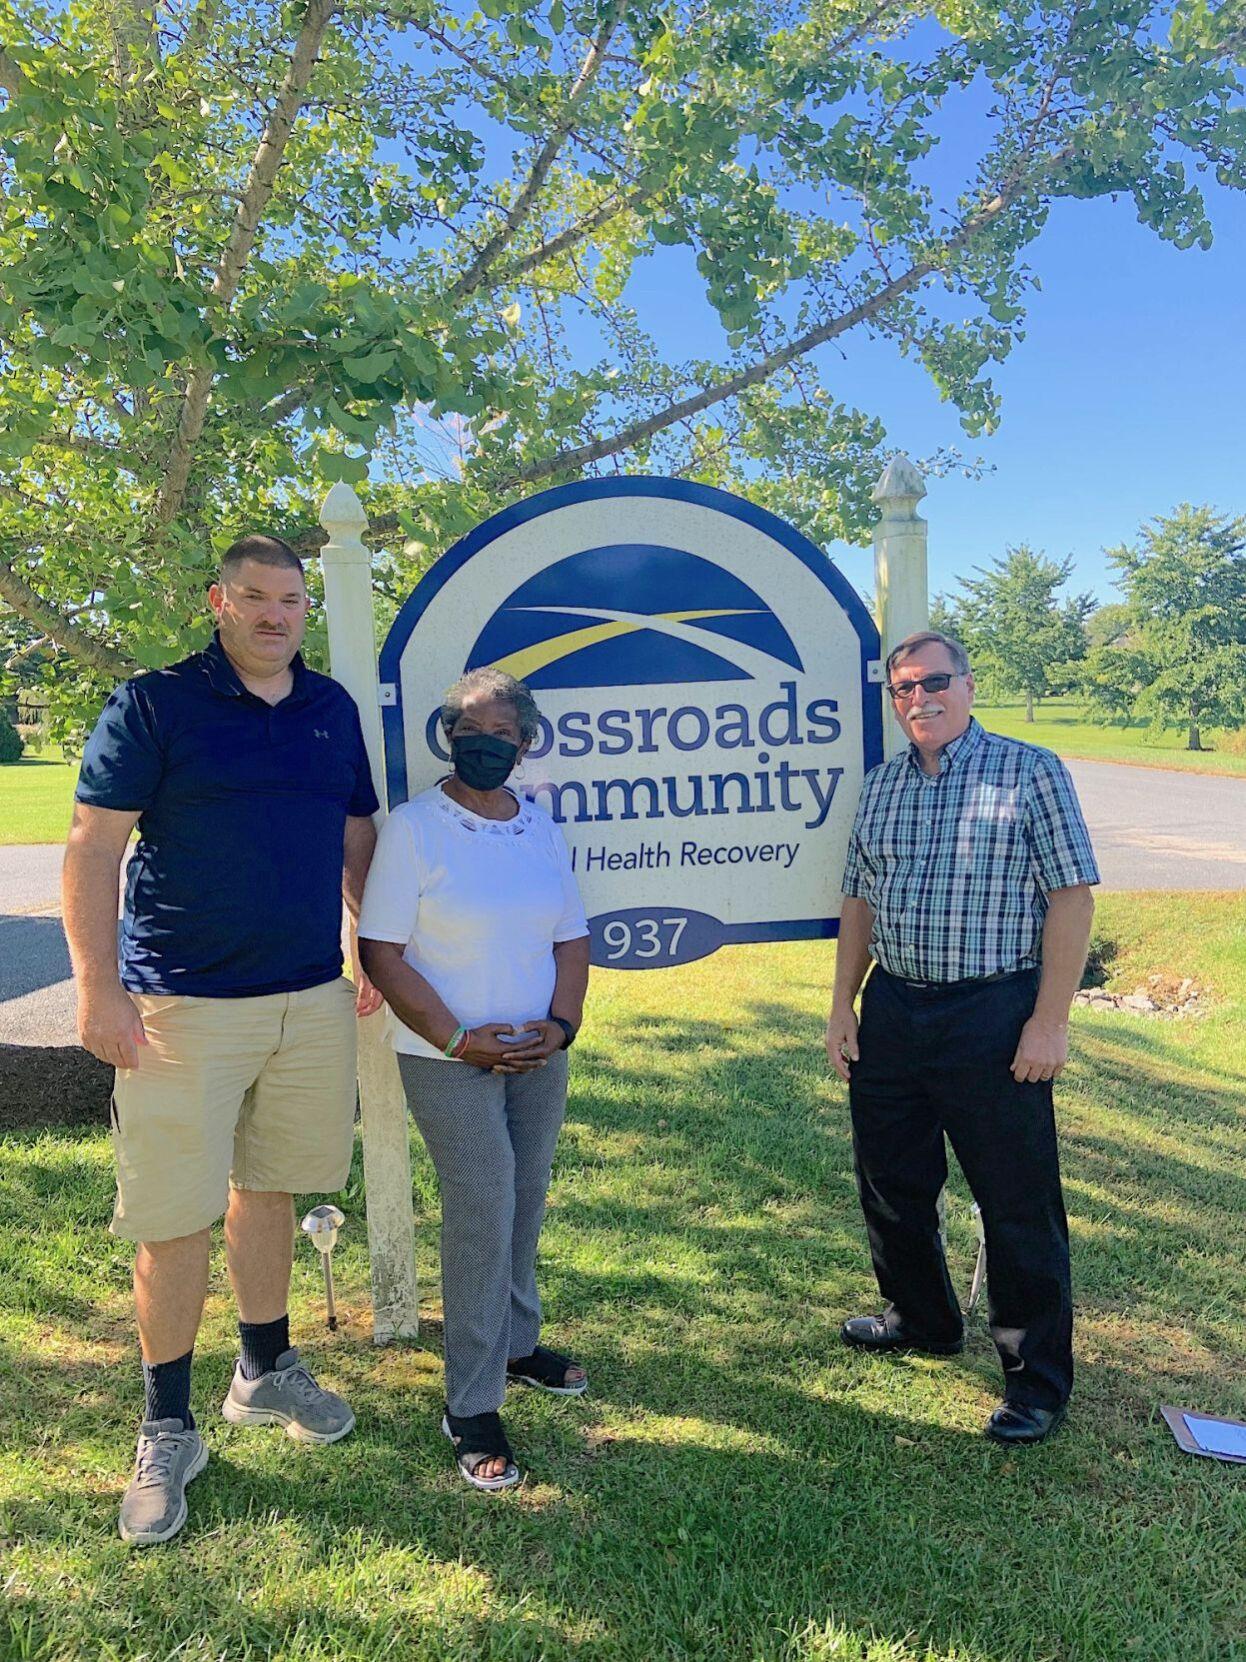 Crossroads Community